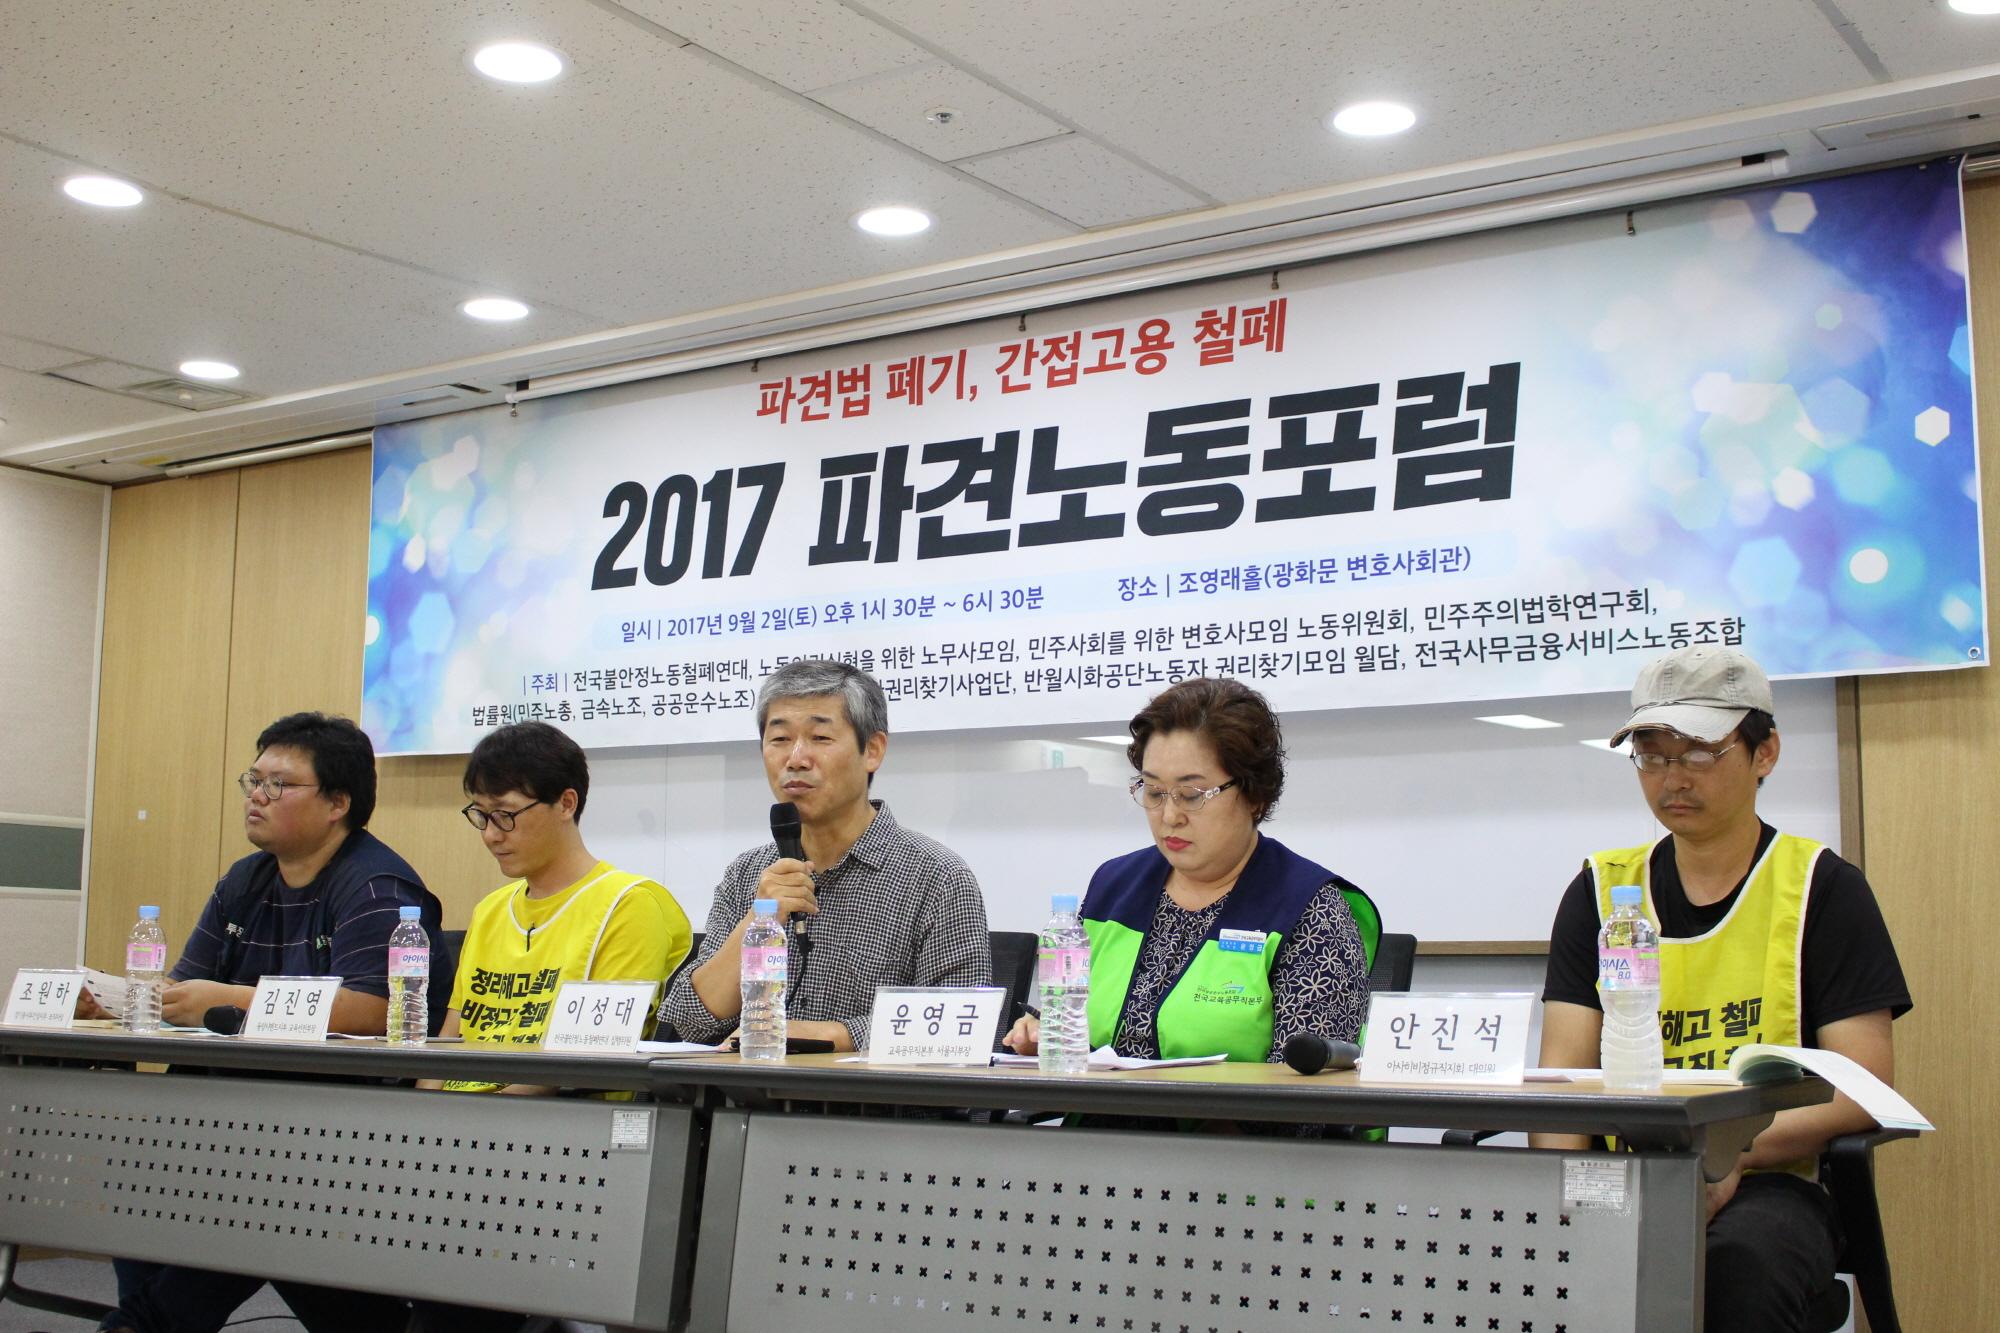 2 2017 파견노동포럼 섹션1 [출처 철폐연대].JPG